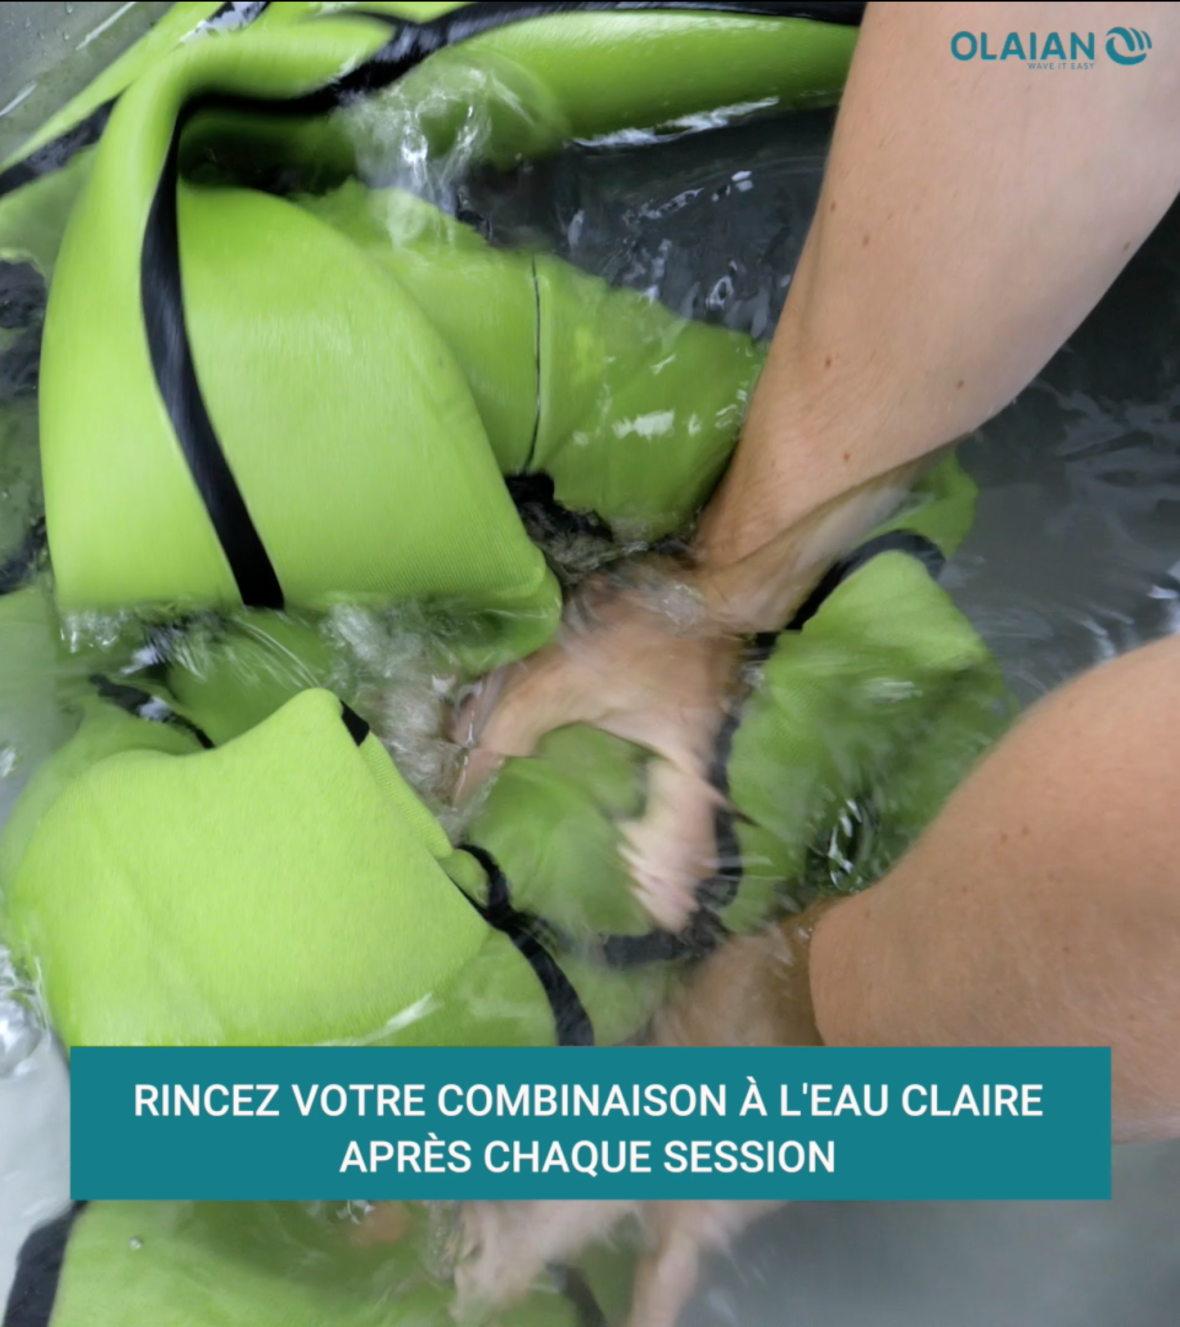 rincer sa combinaison à l'eau claire après chaque session